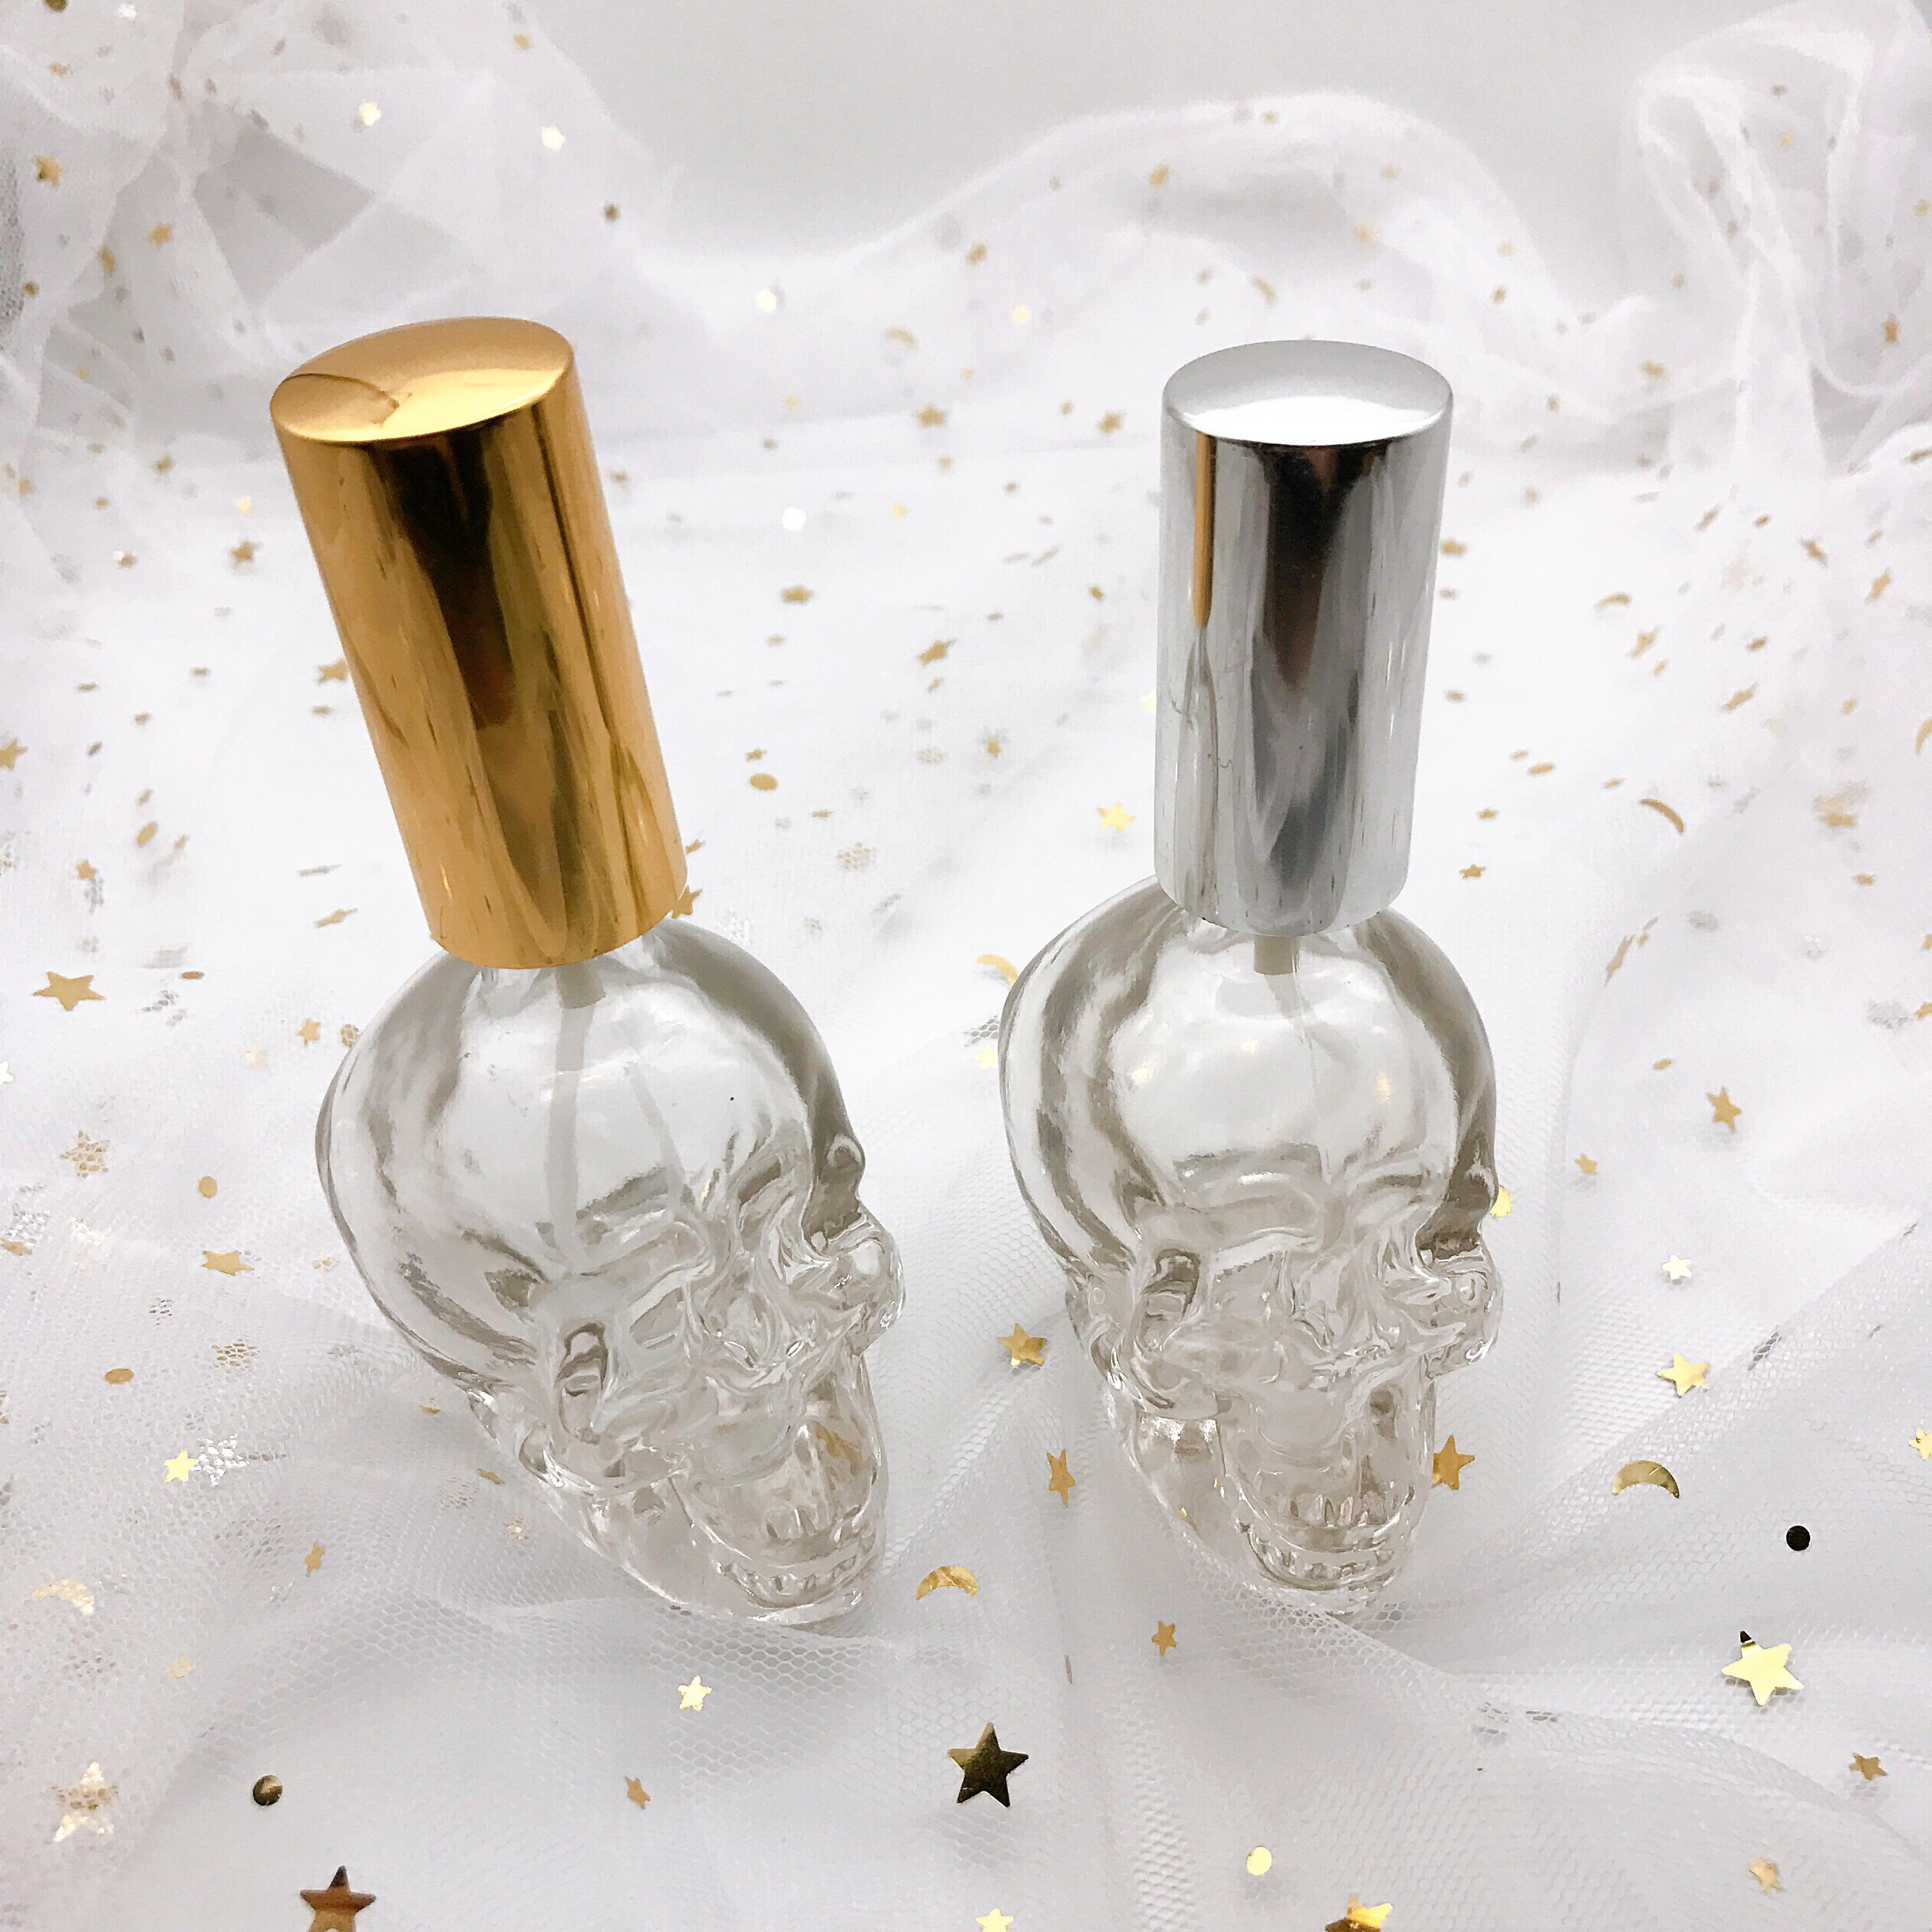 Haute Qualité 10ml Bouteille En Verre De Parfum Clair Vaporisateur Bouteille Carrée En Verre Atomiseur